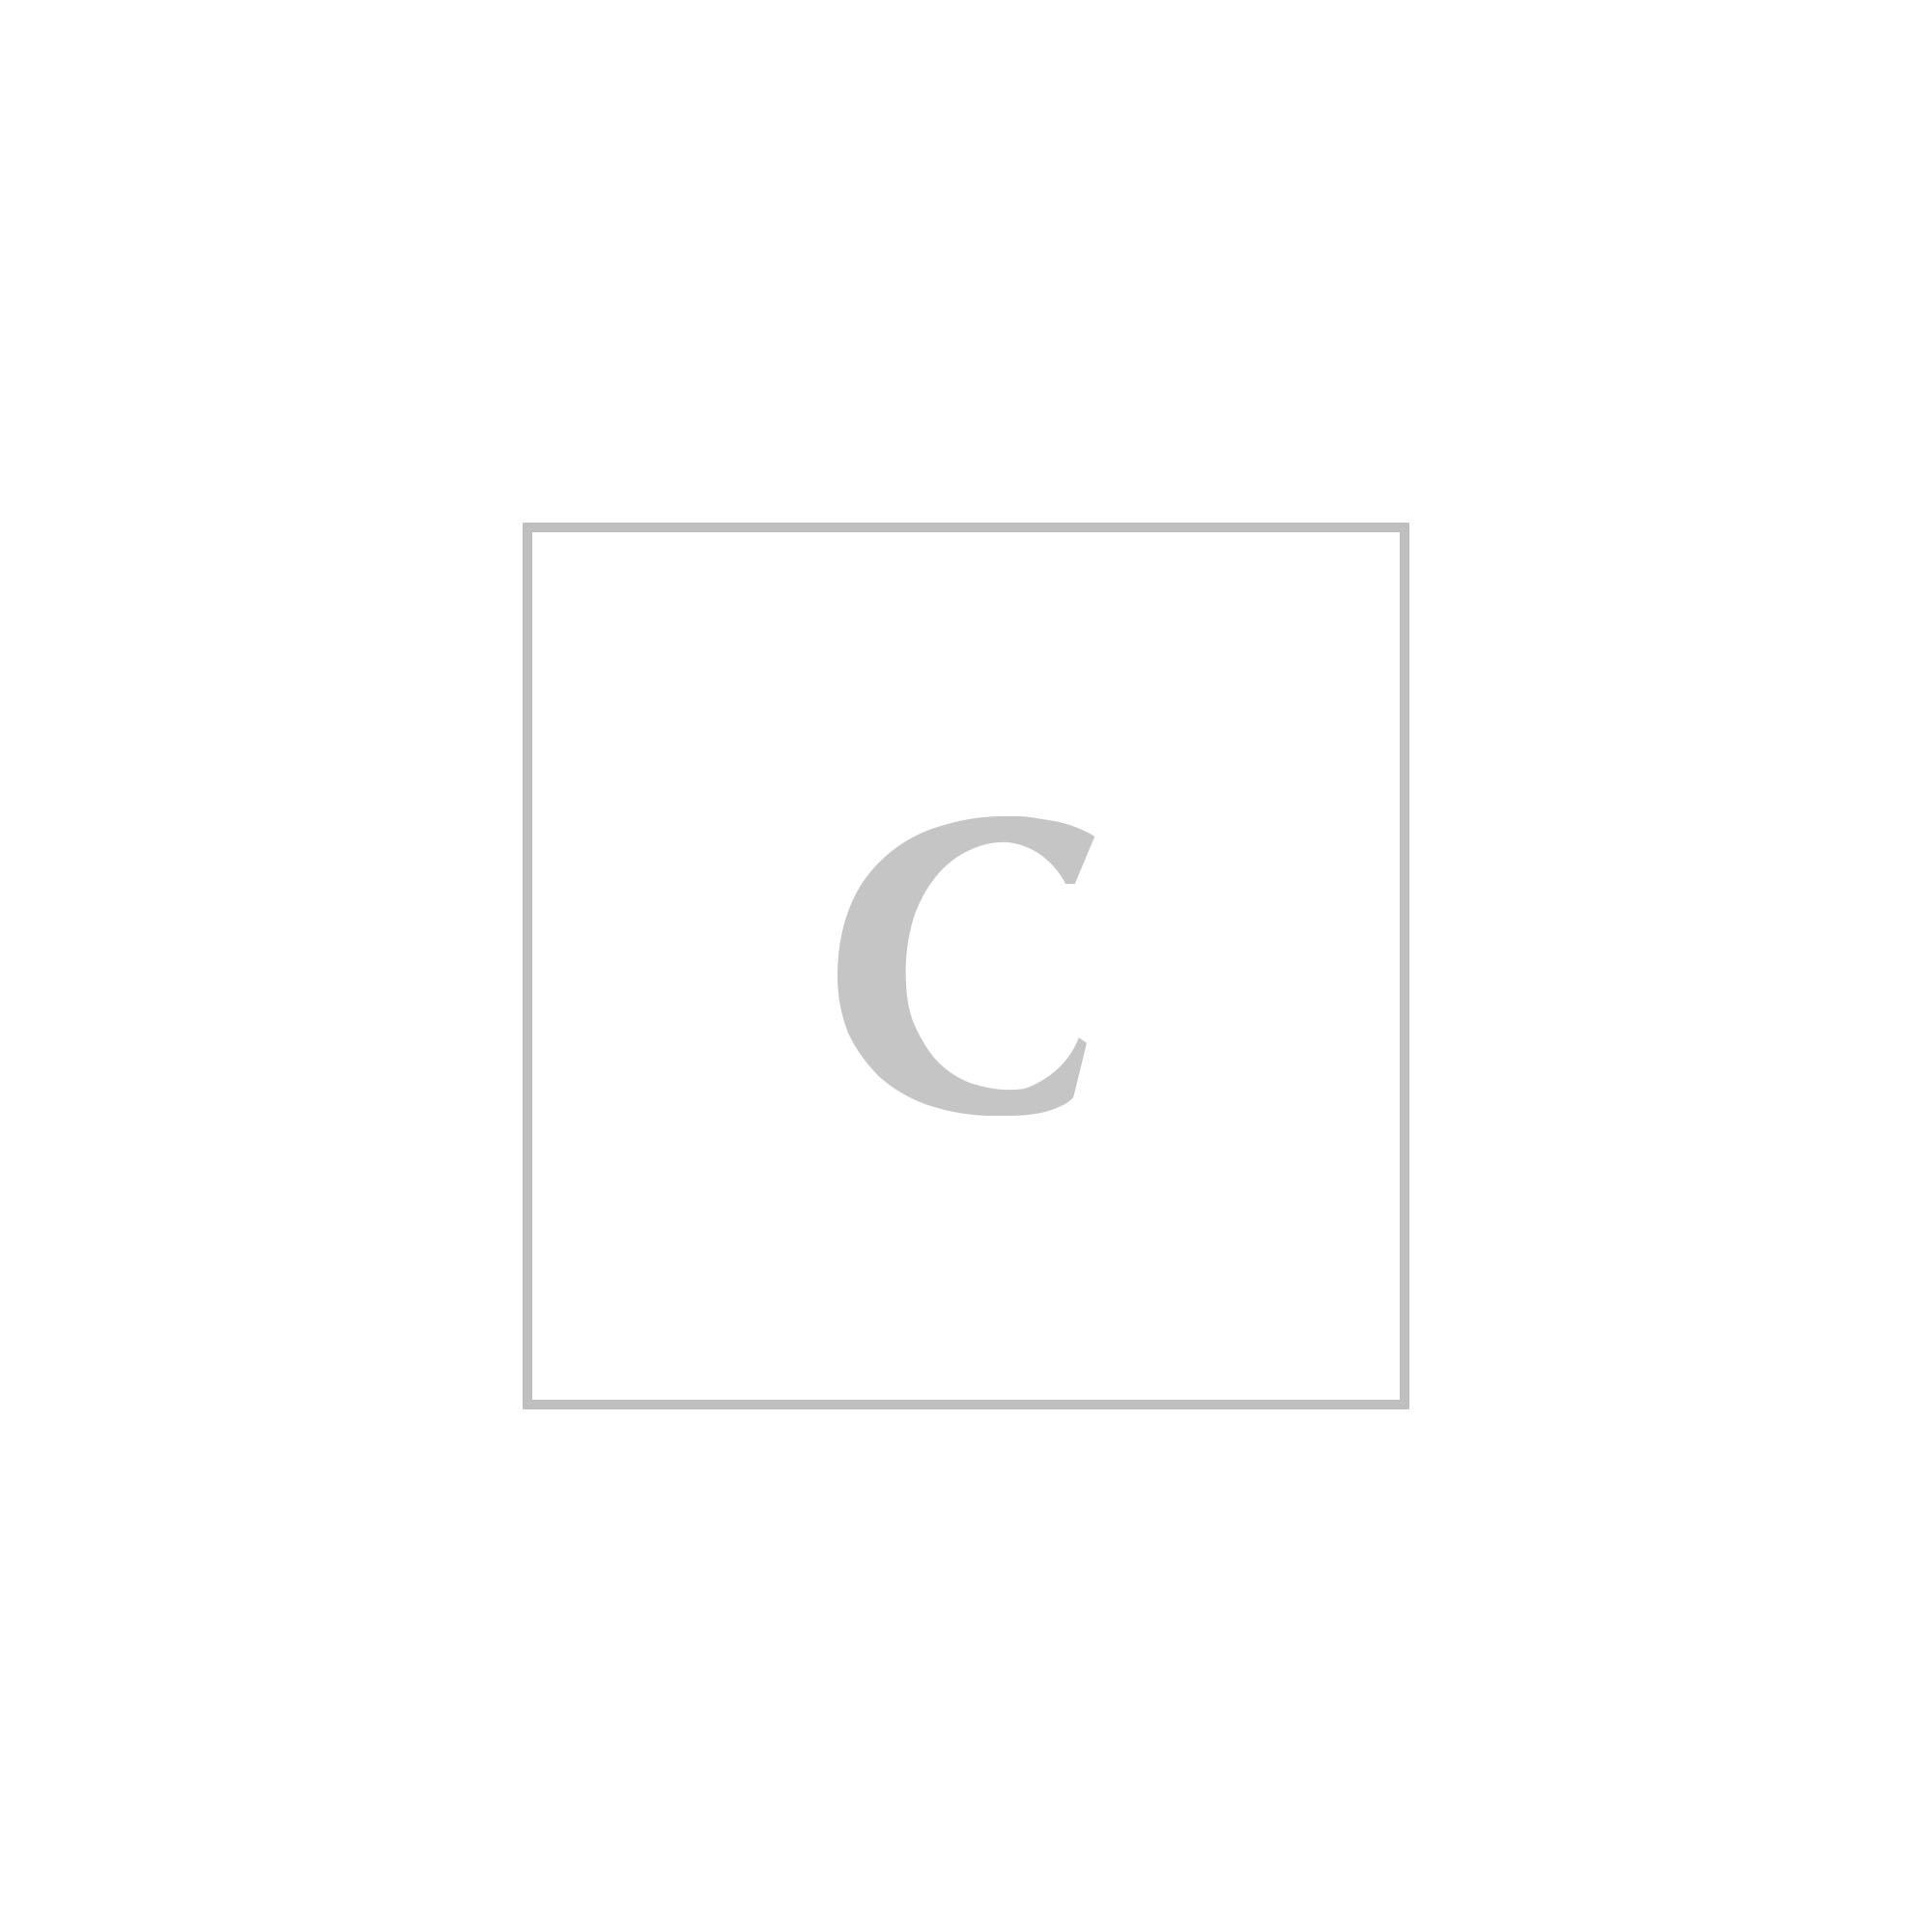 burberry accessori uomo portacarte bernie logo tb